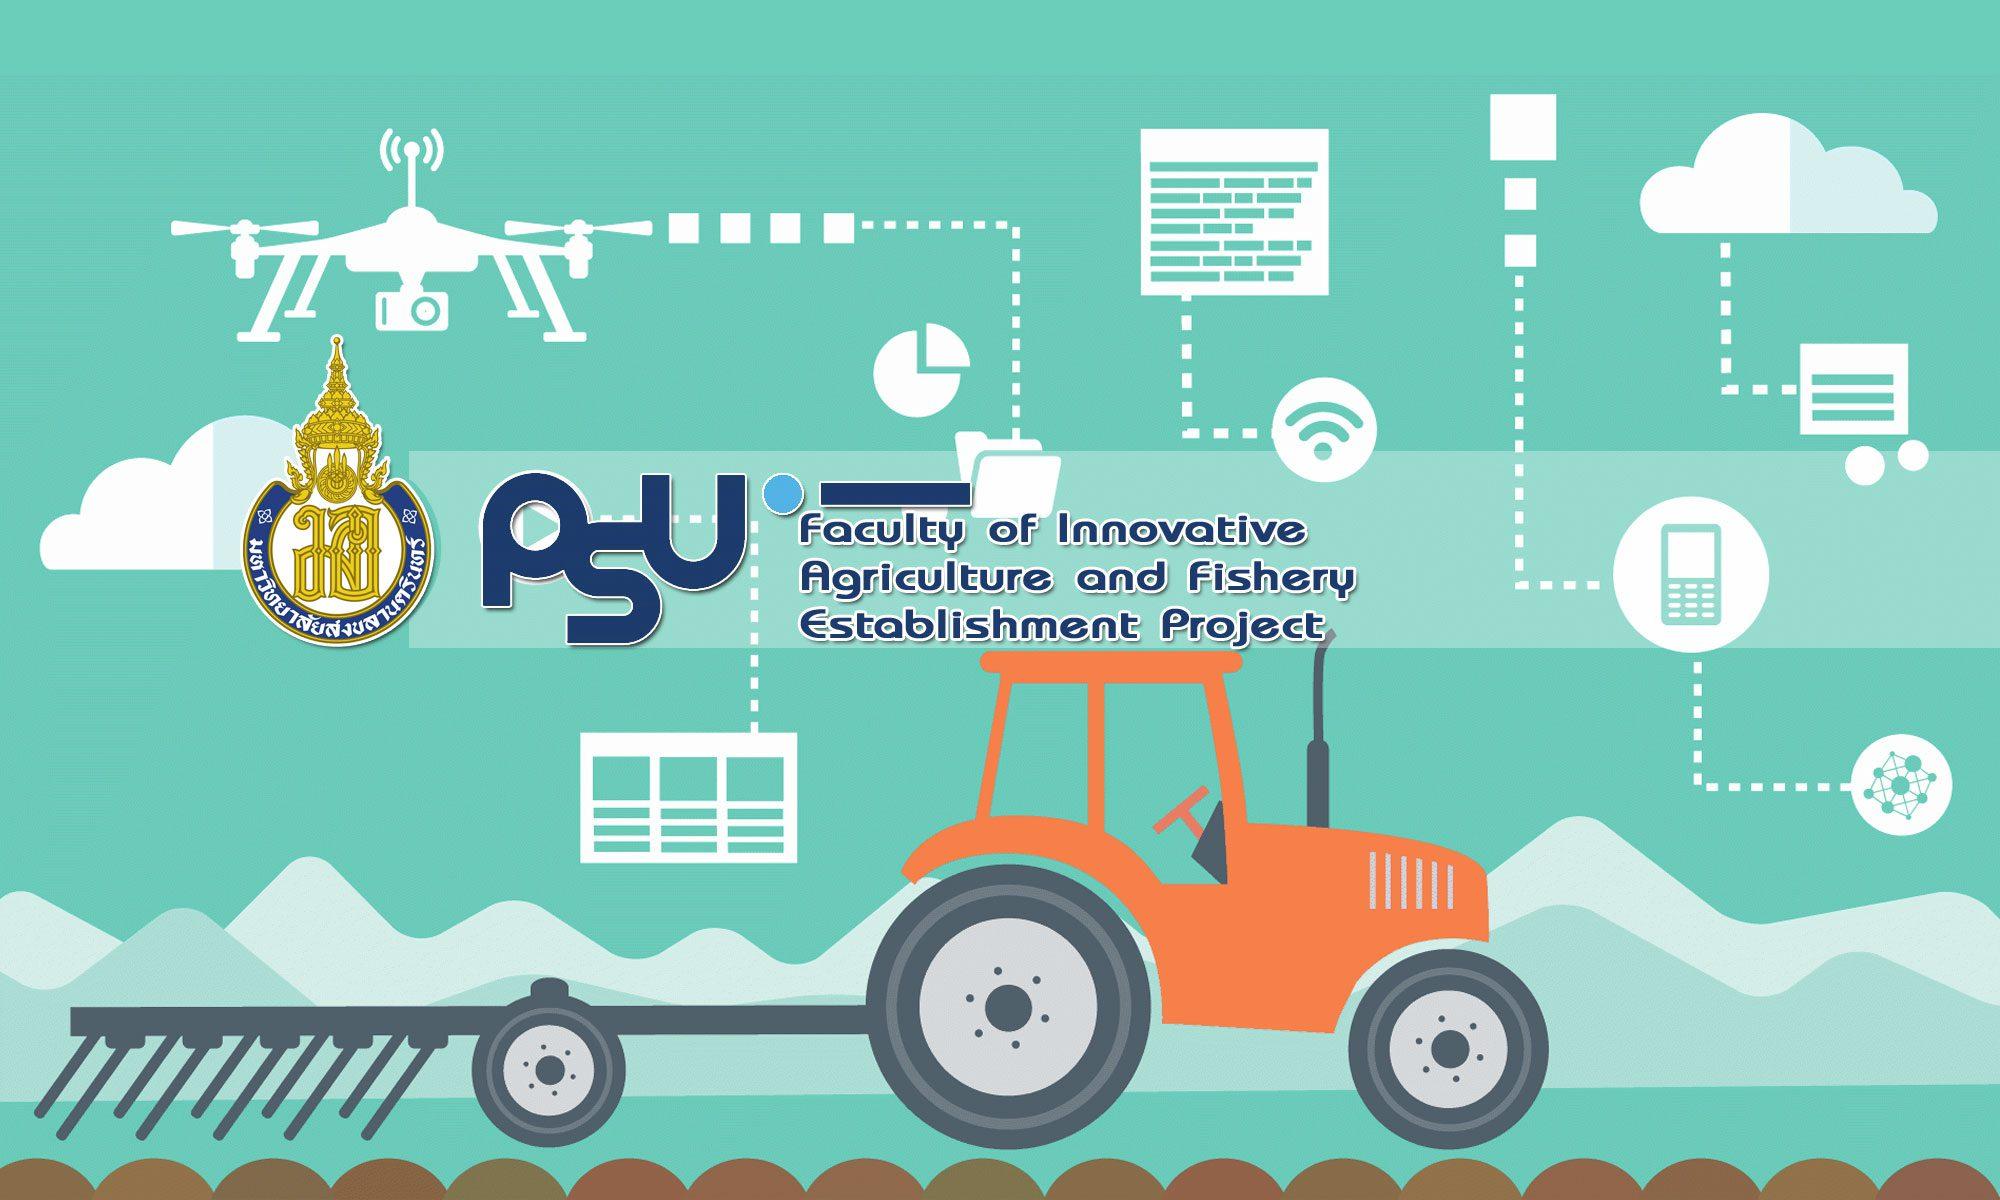 โครงการจัดตั้งคณะนวัตกรรมการเกษตรและประมง